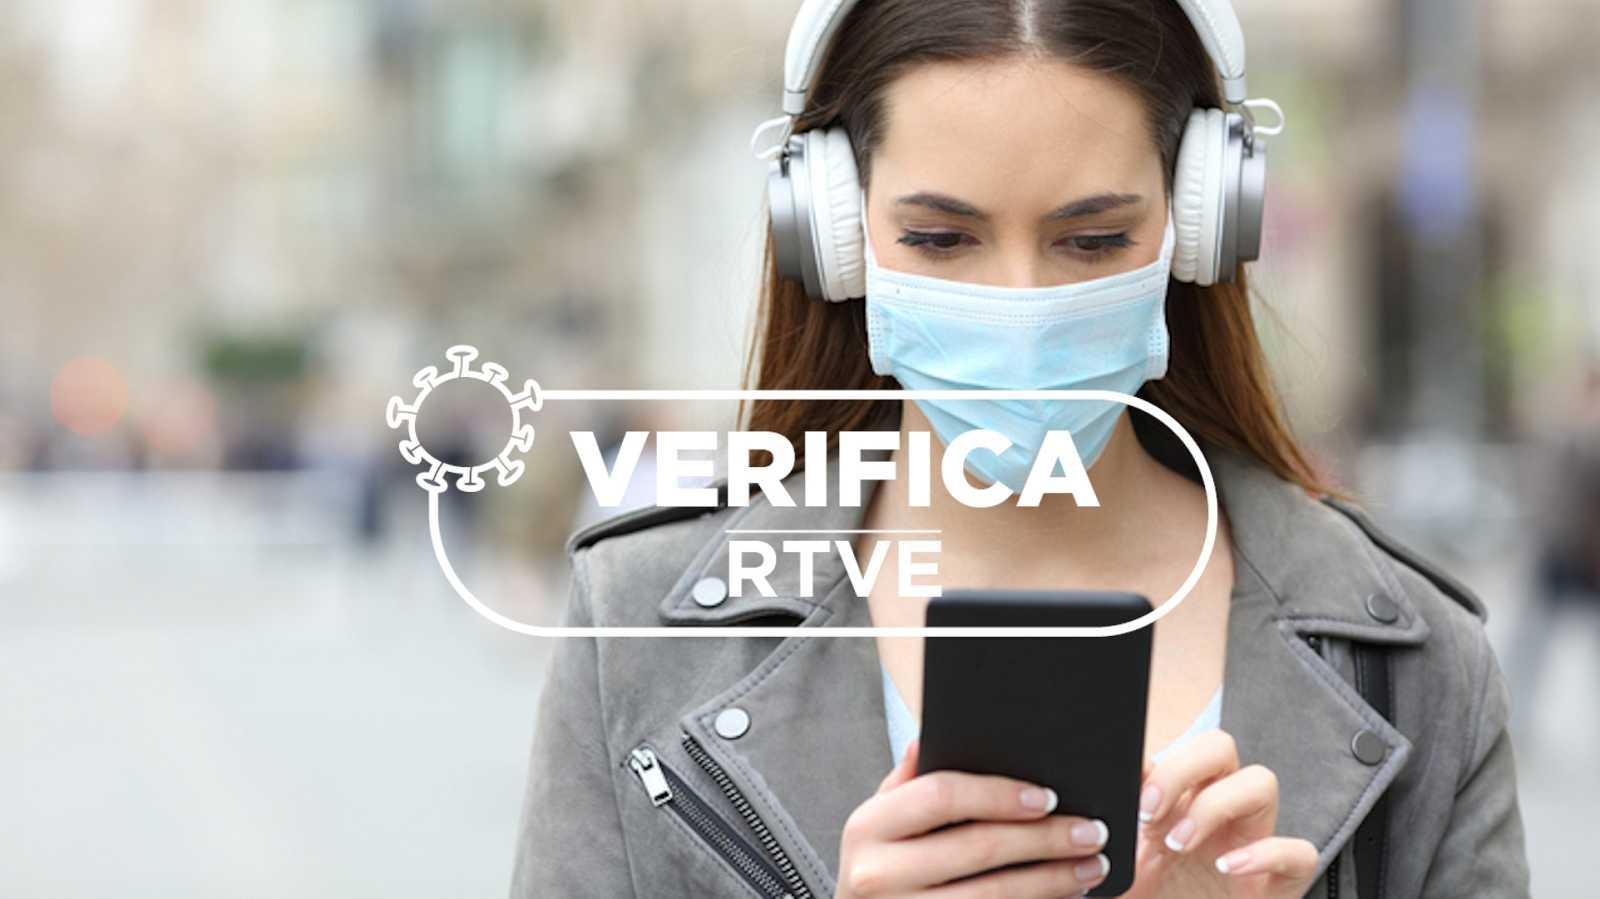 Verifica RTVE busca y contextualiza contenidos virales en la red